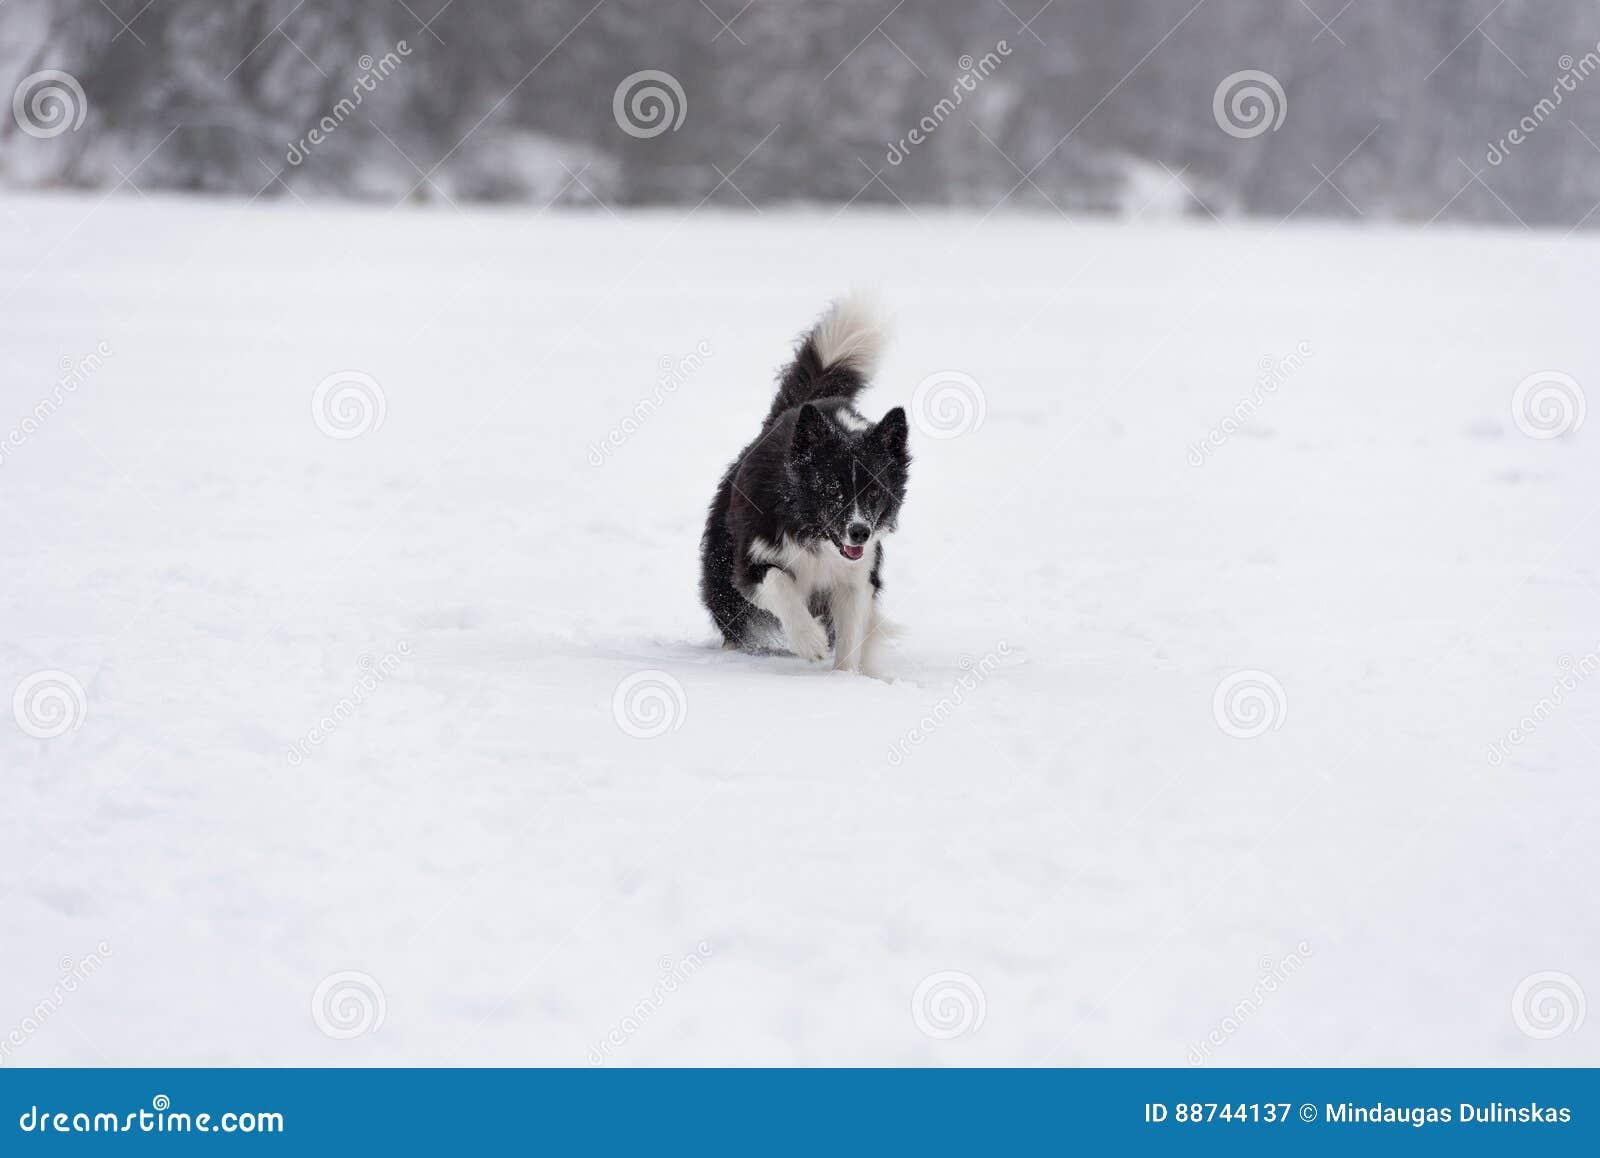 Frontière Collie Dog Running sur la neige Lac figé